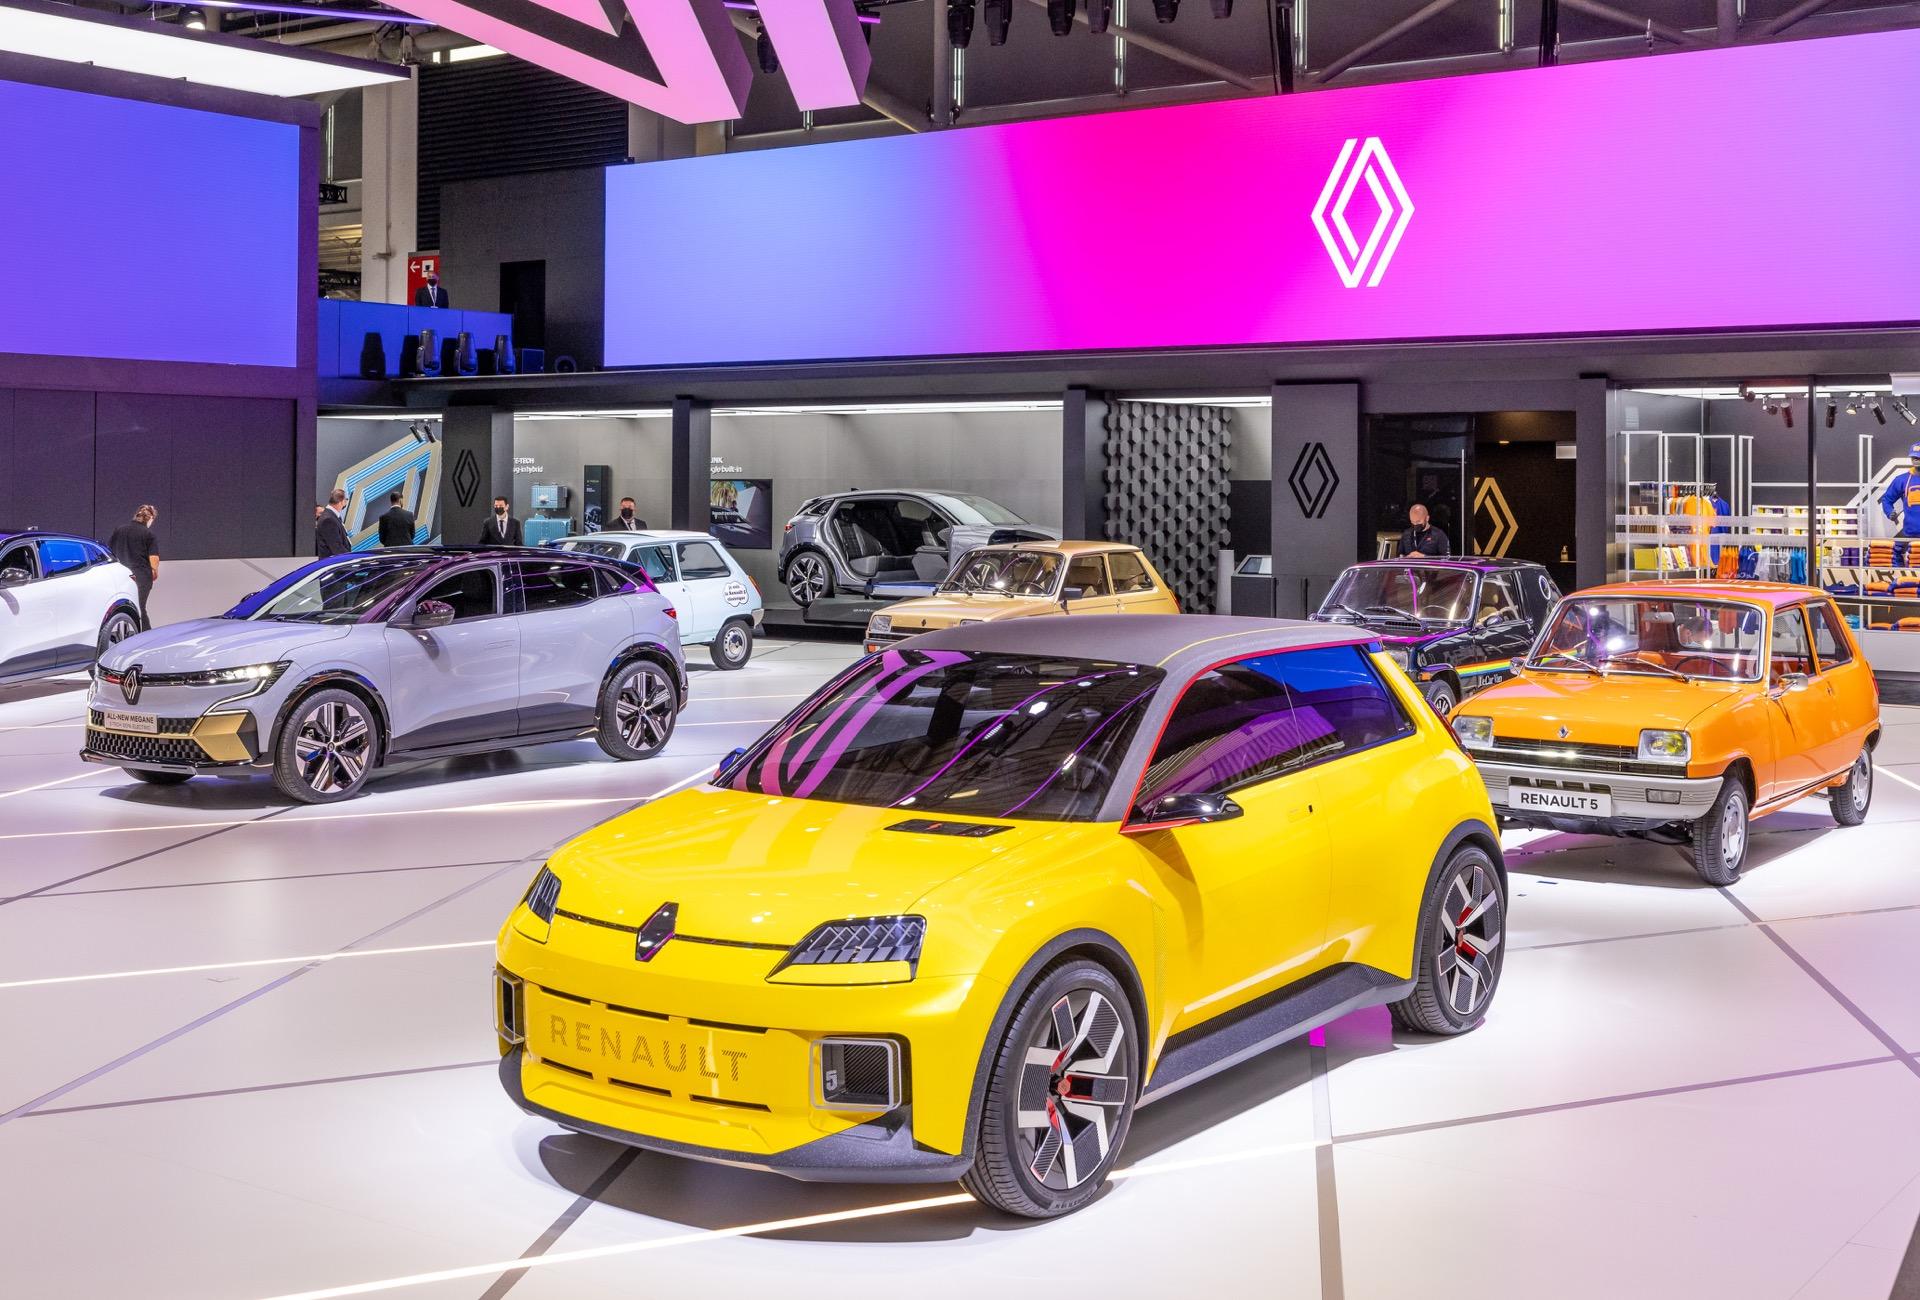 2022-Renault-5-Prototype